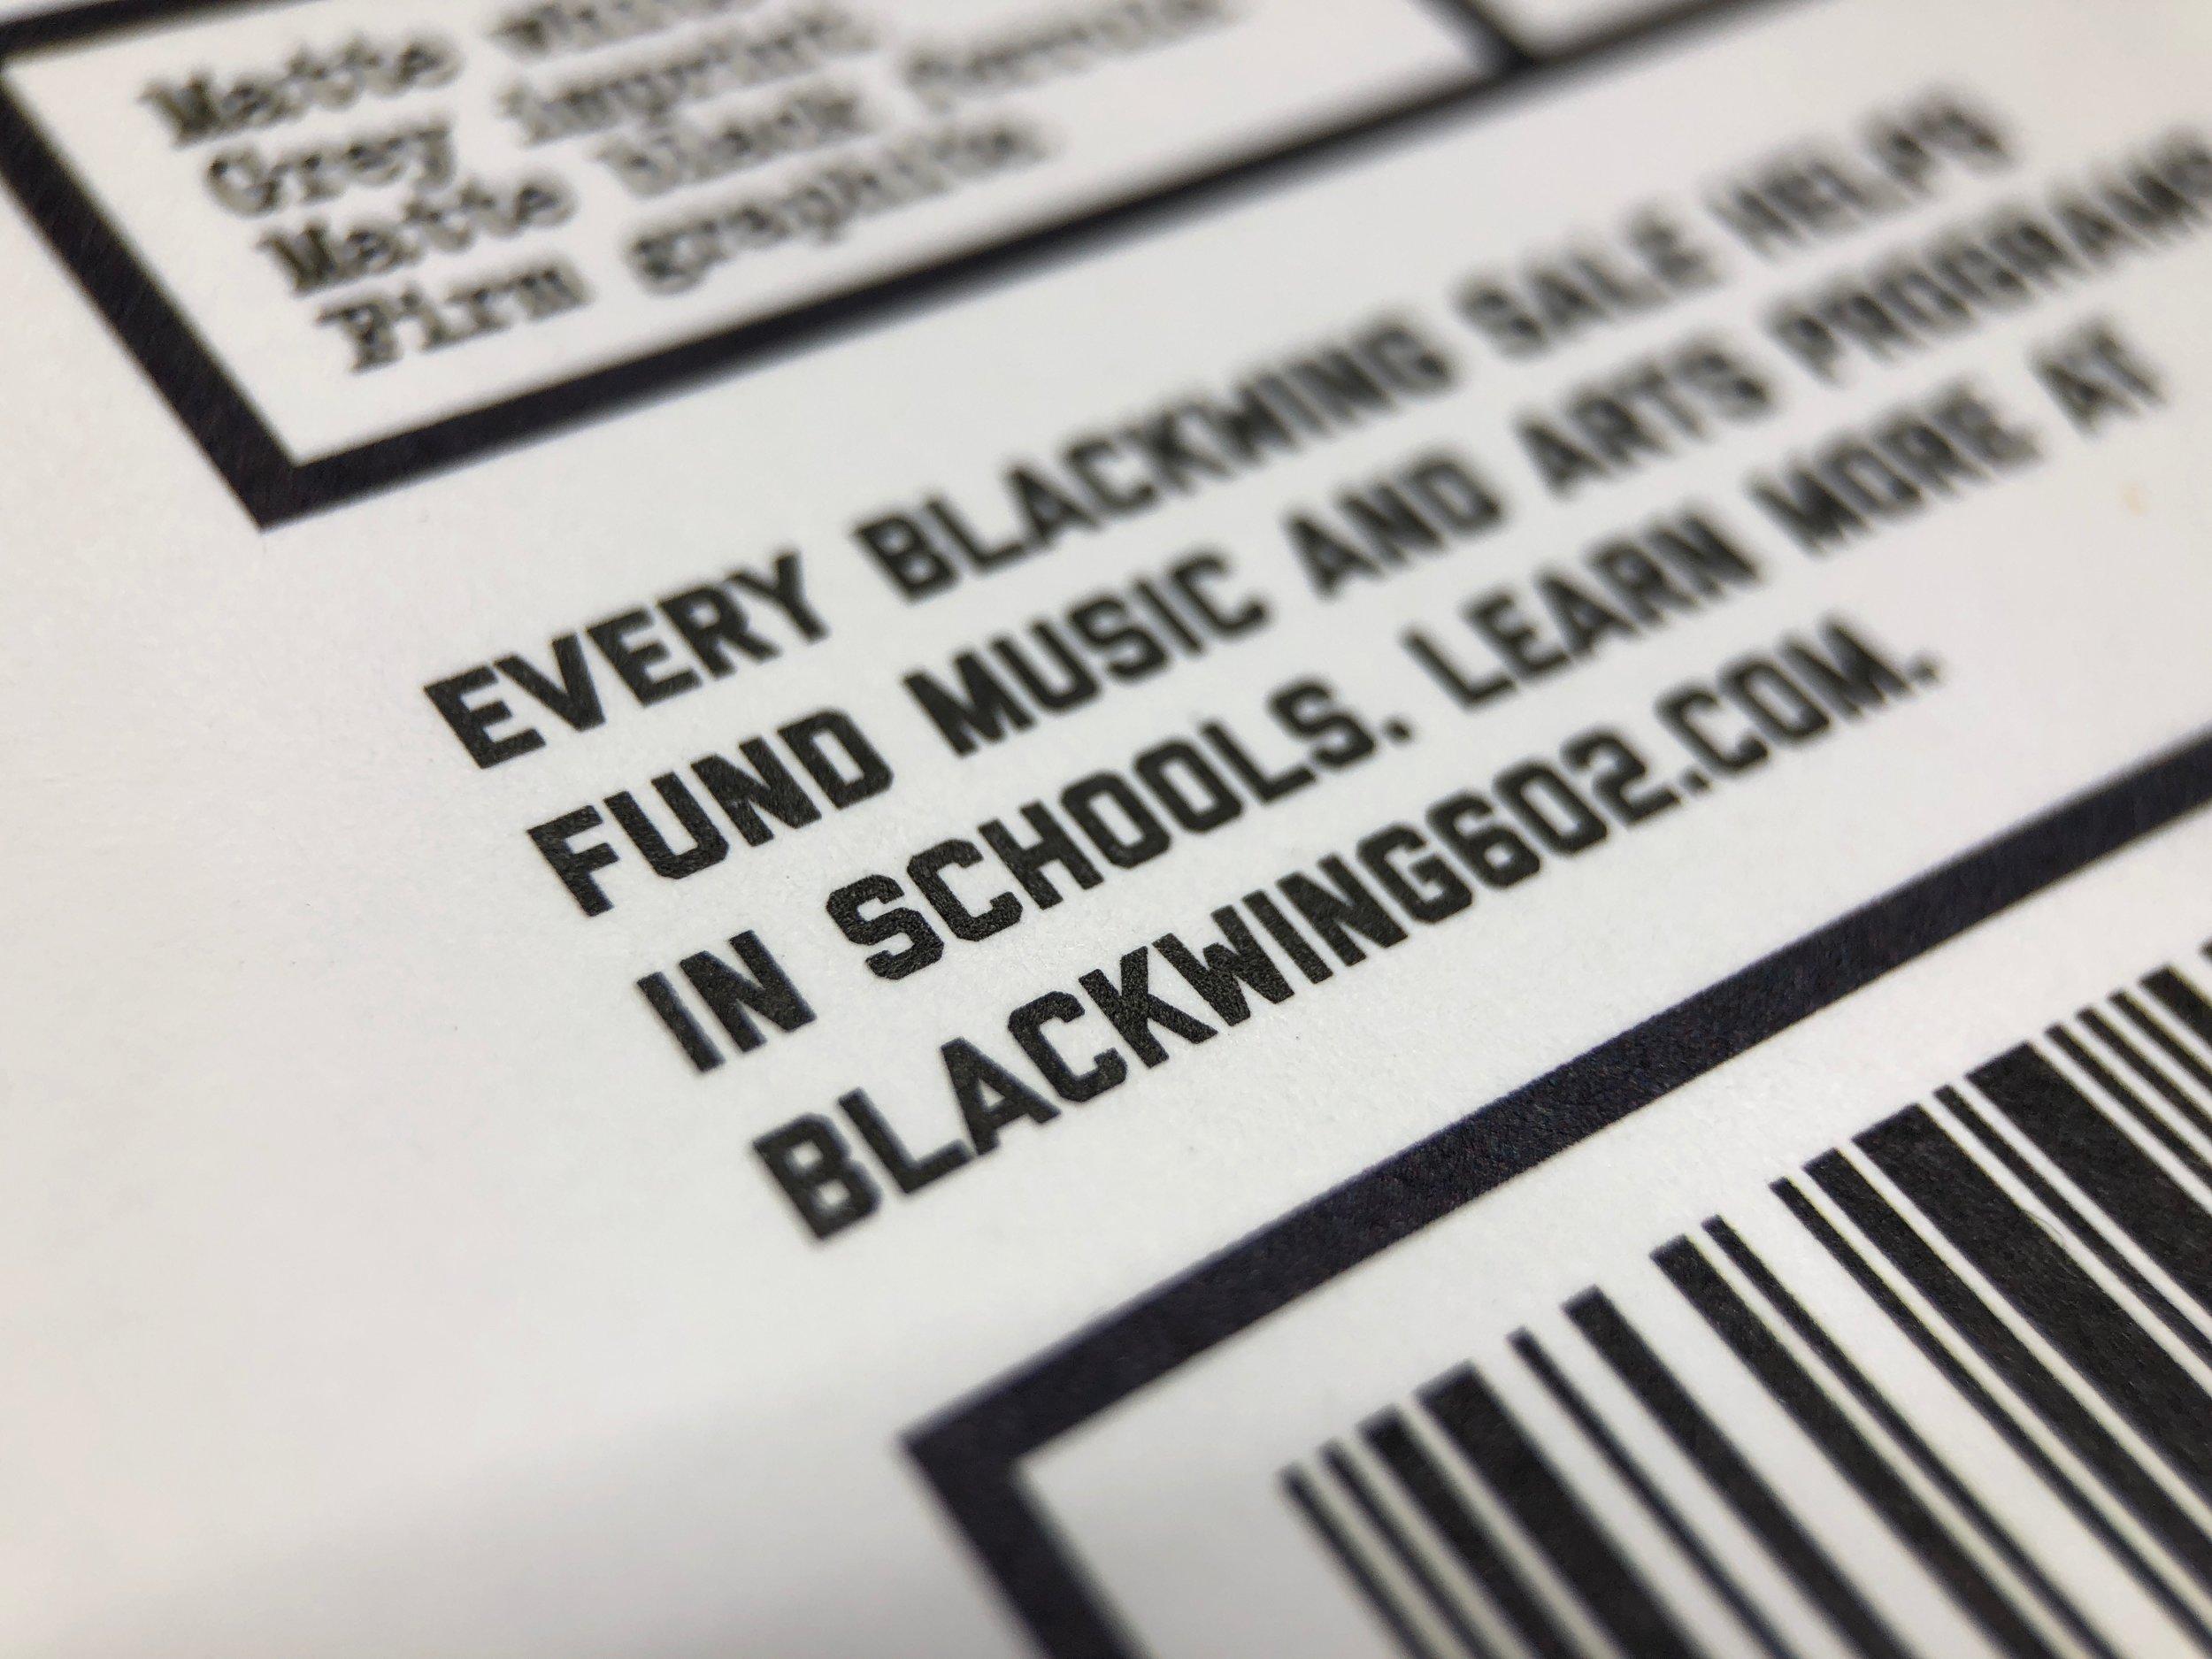 blackwing-16_2-pencil-3.jpg